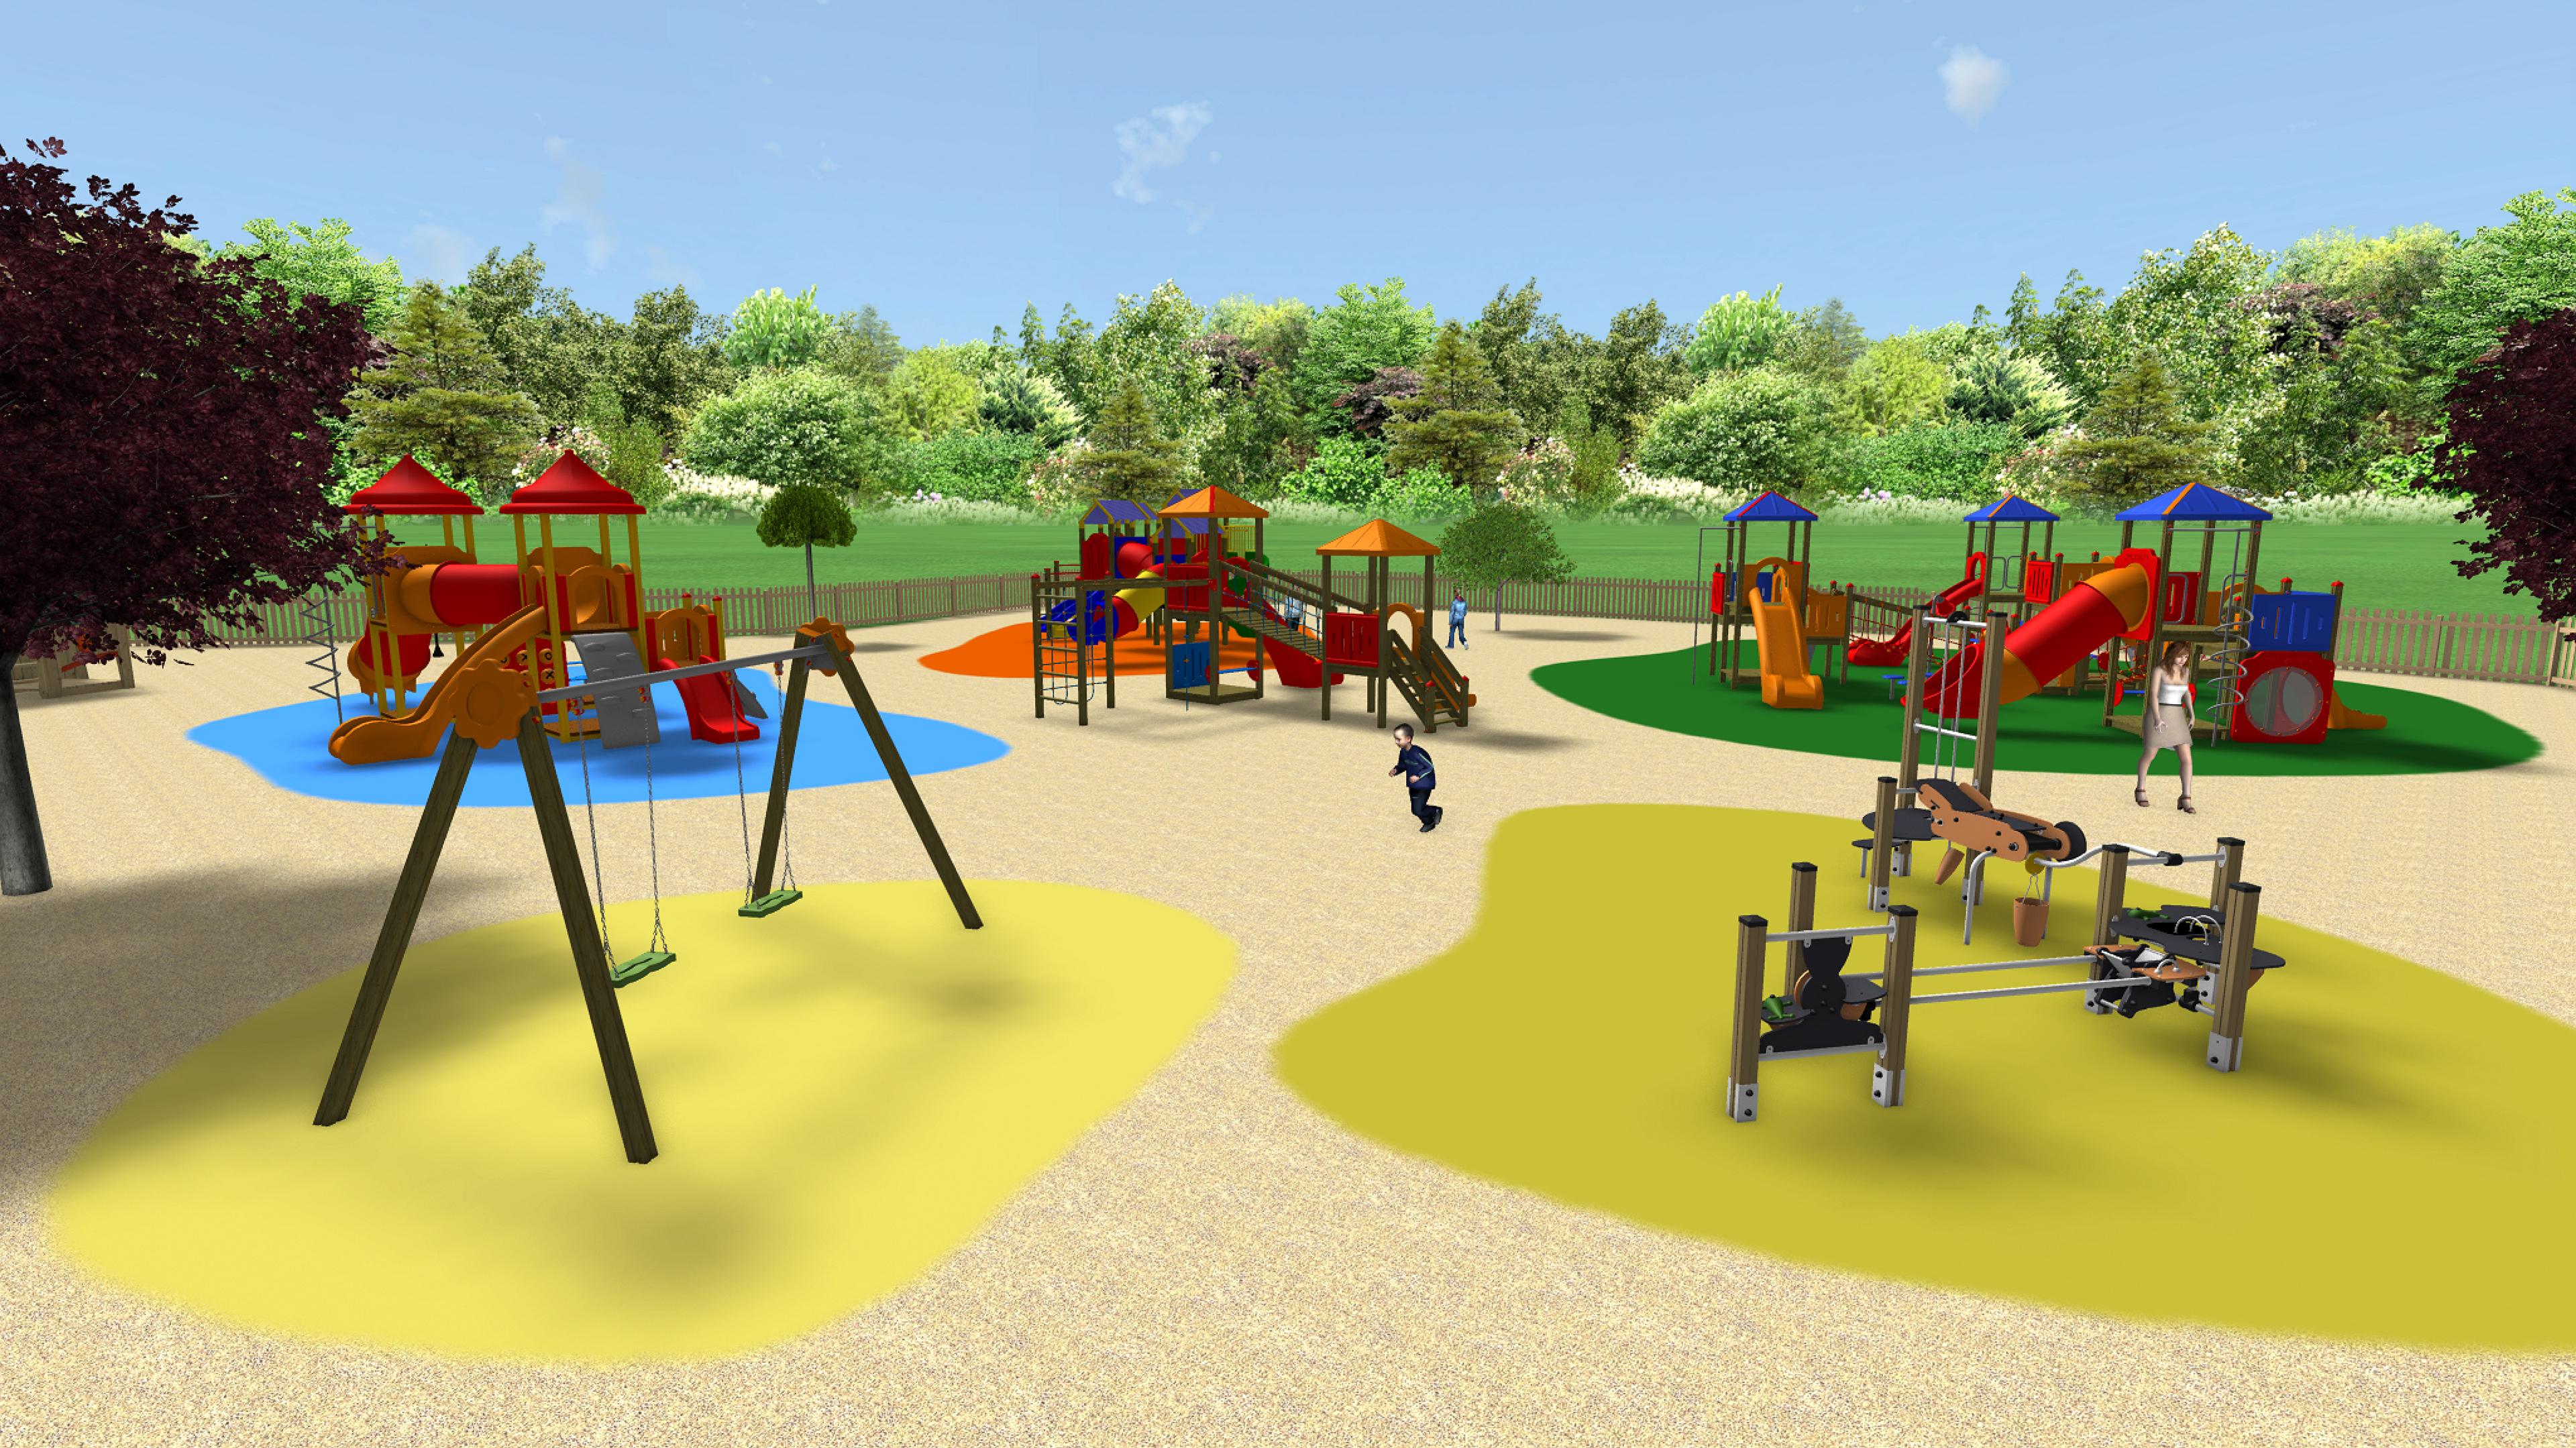 elementos infantiles, juegos para niños, área infantil